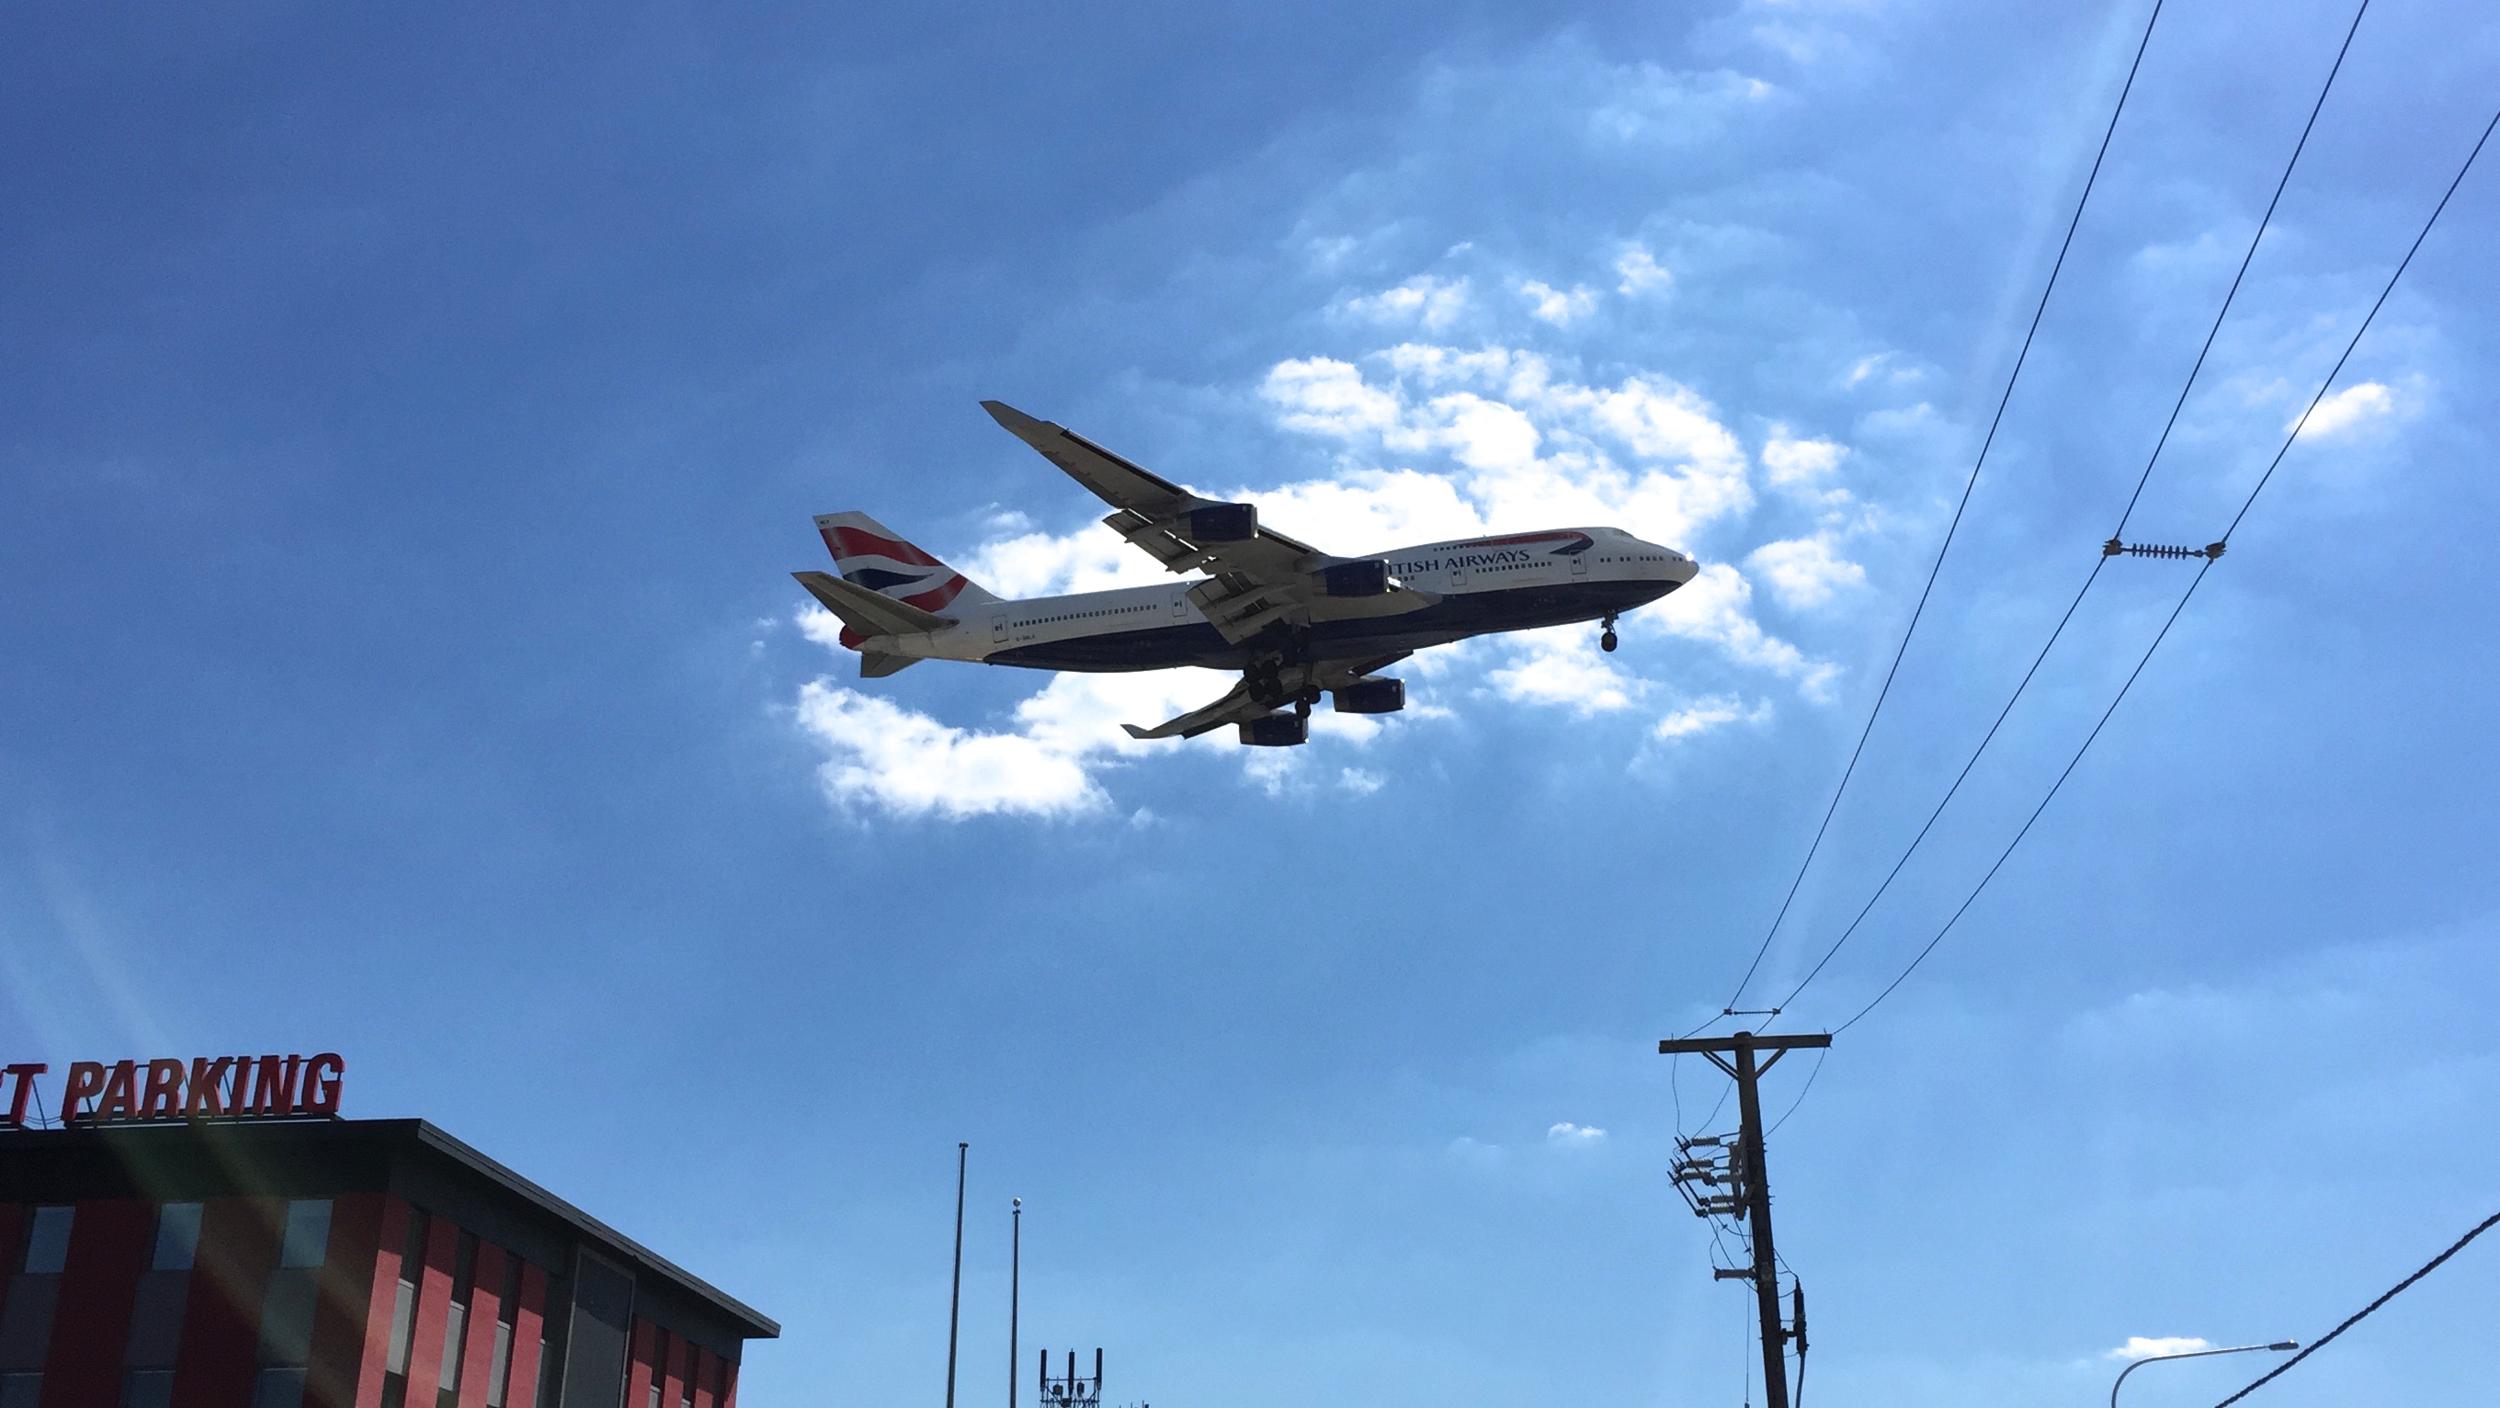 British Airways Boeing 747-400 arriving from London-Heathrow